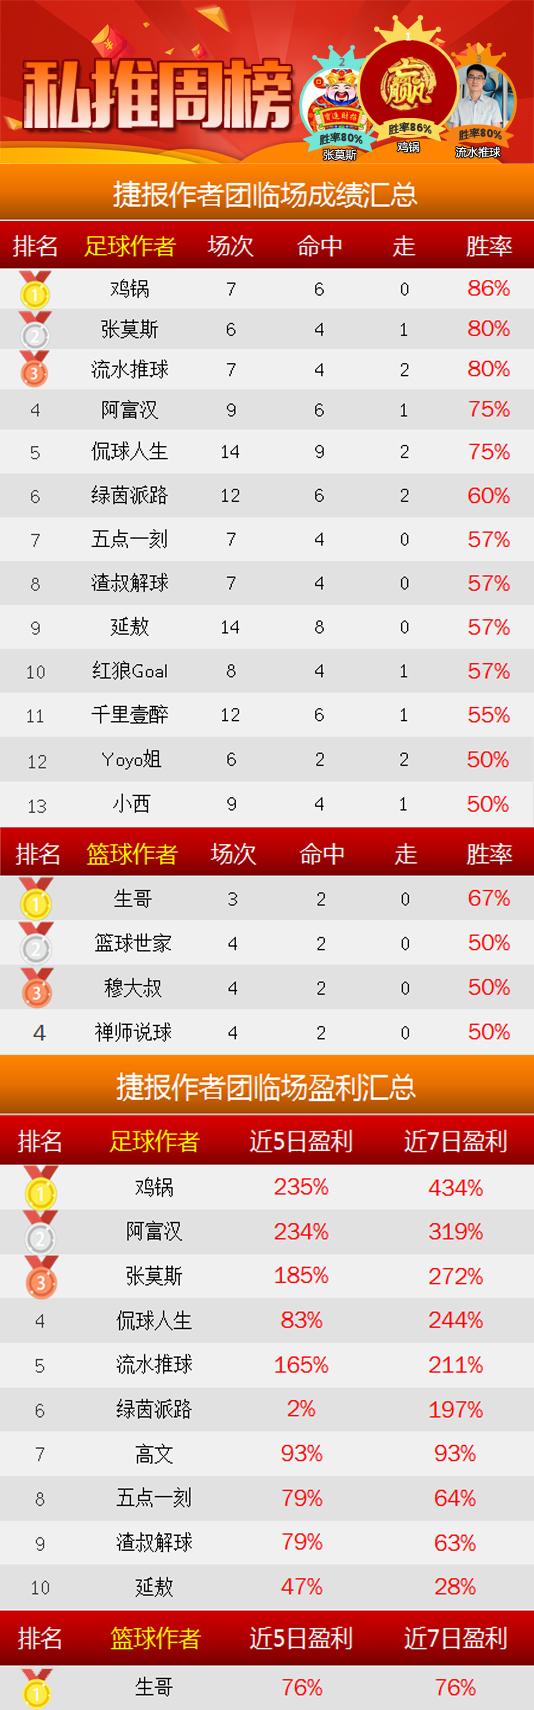 作者周榜:鸡锅7中6王者归来 强震波86%胜率重夺榜首